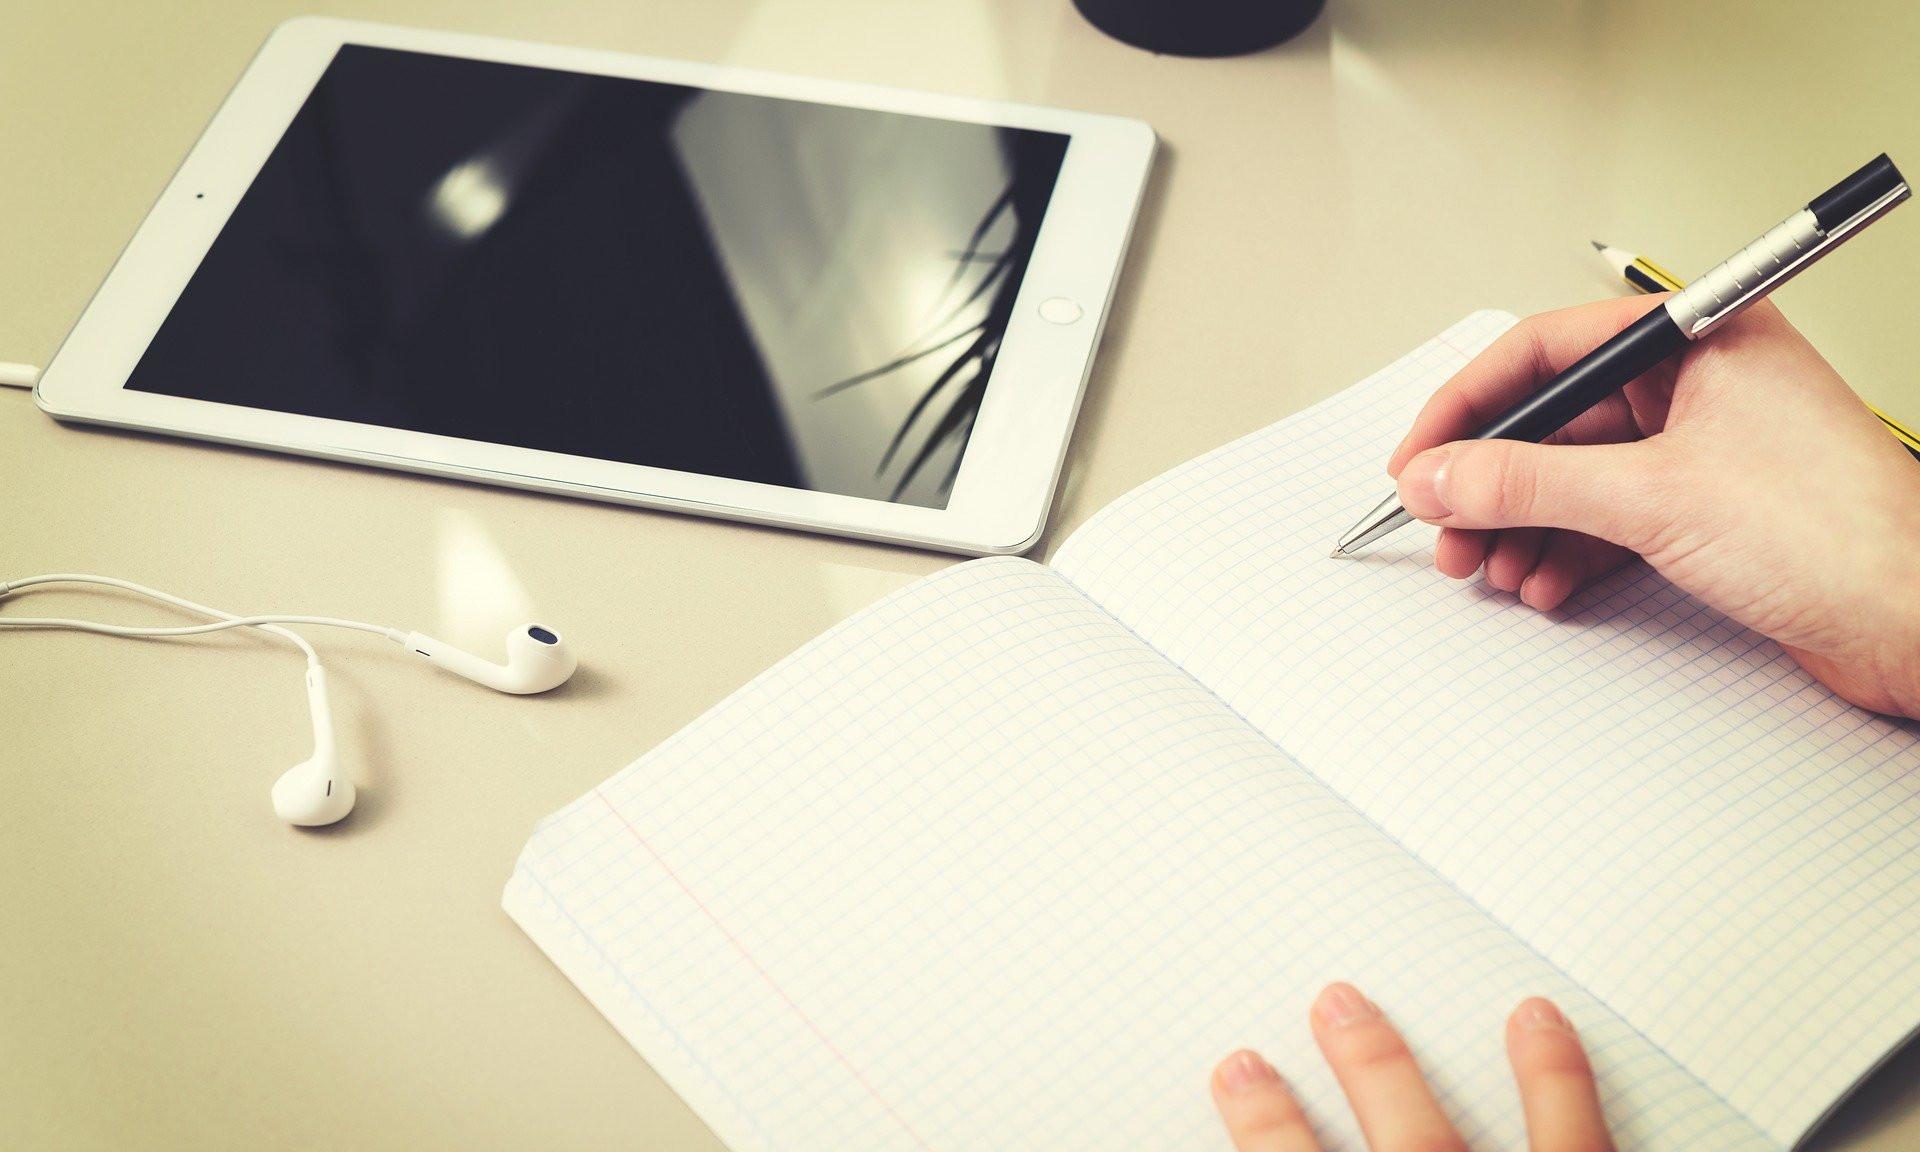 Auf dem Tisch liegt ein Tablet, davor schreibt eine Person in Notizbuch.